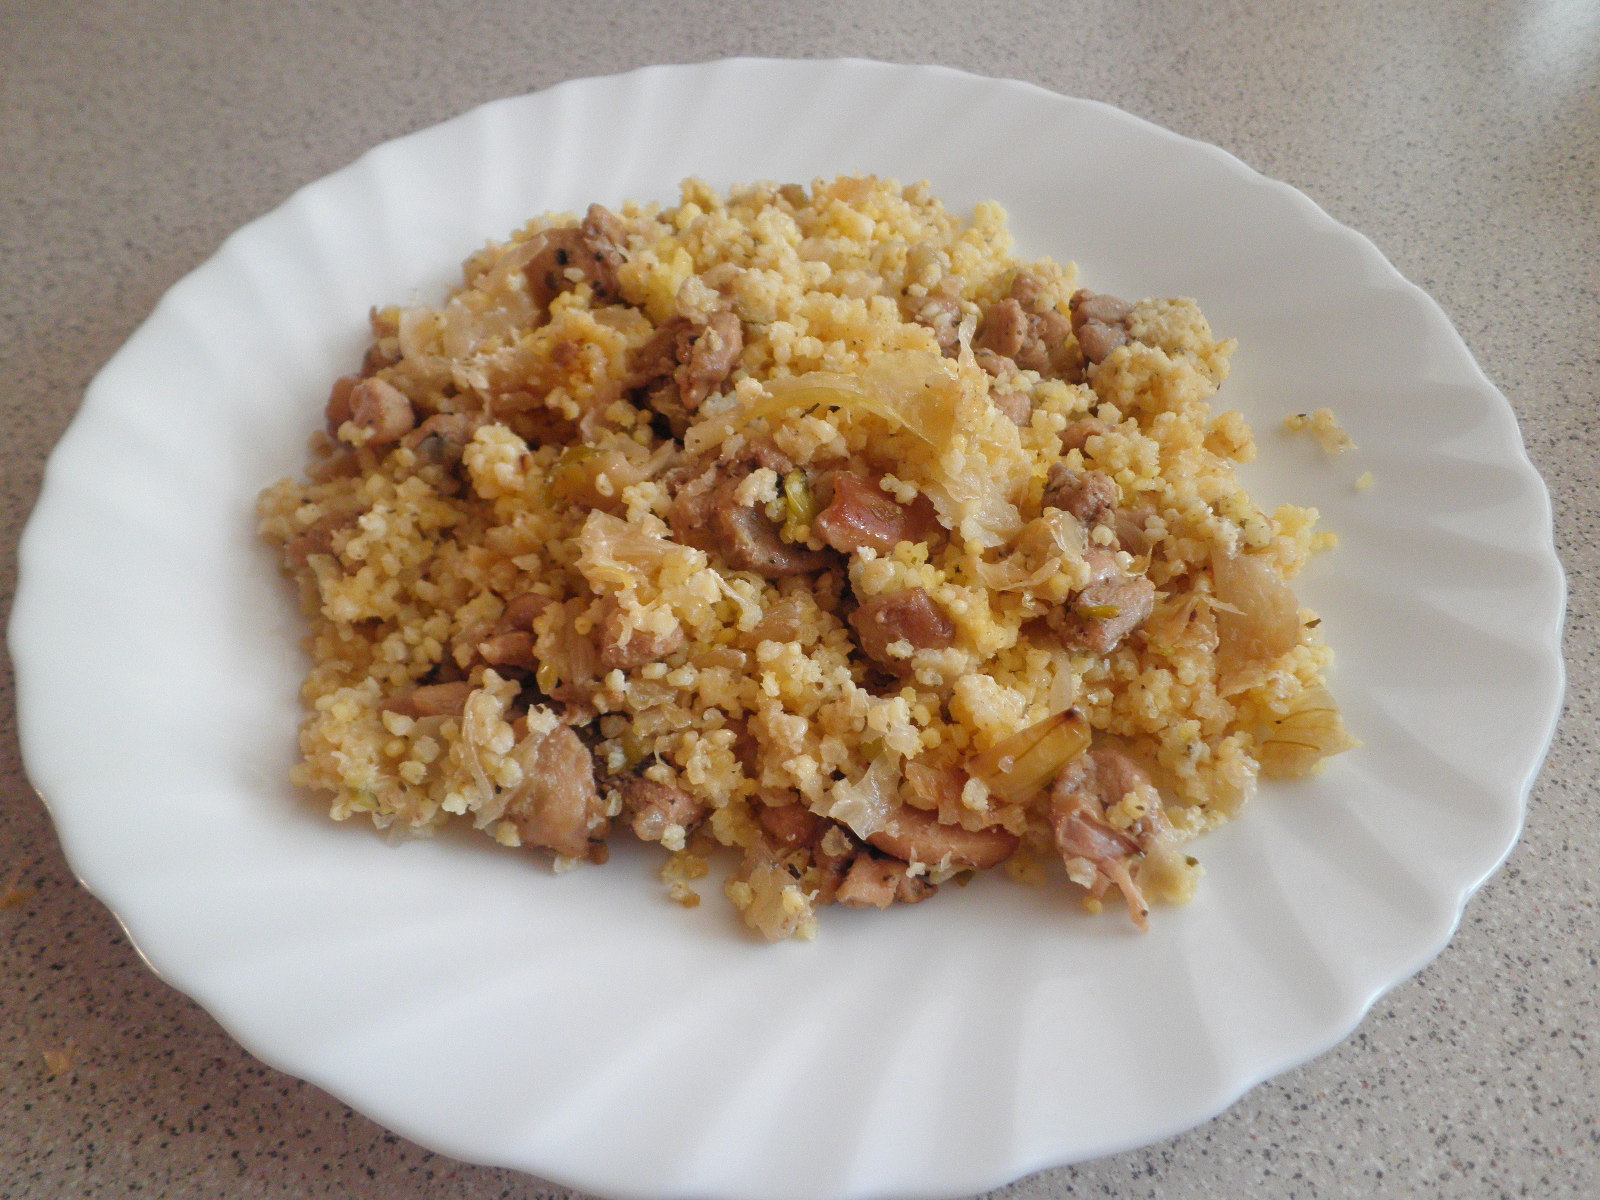 Fotografie receptu: Jáhly s kysaným zelím a kuřecím masem